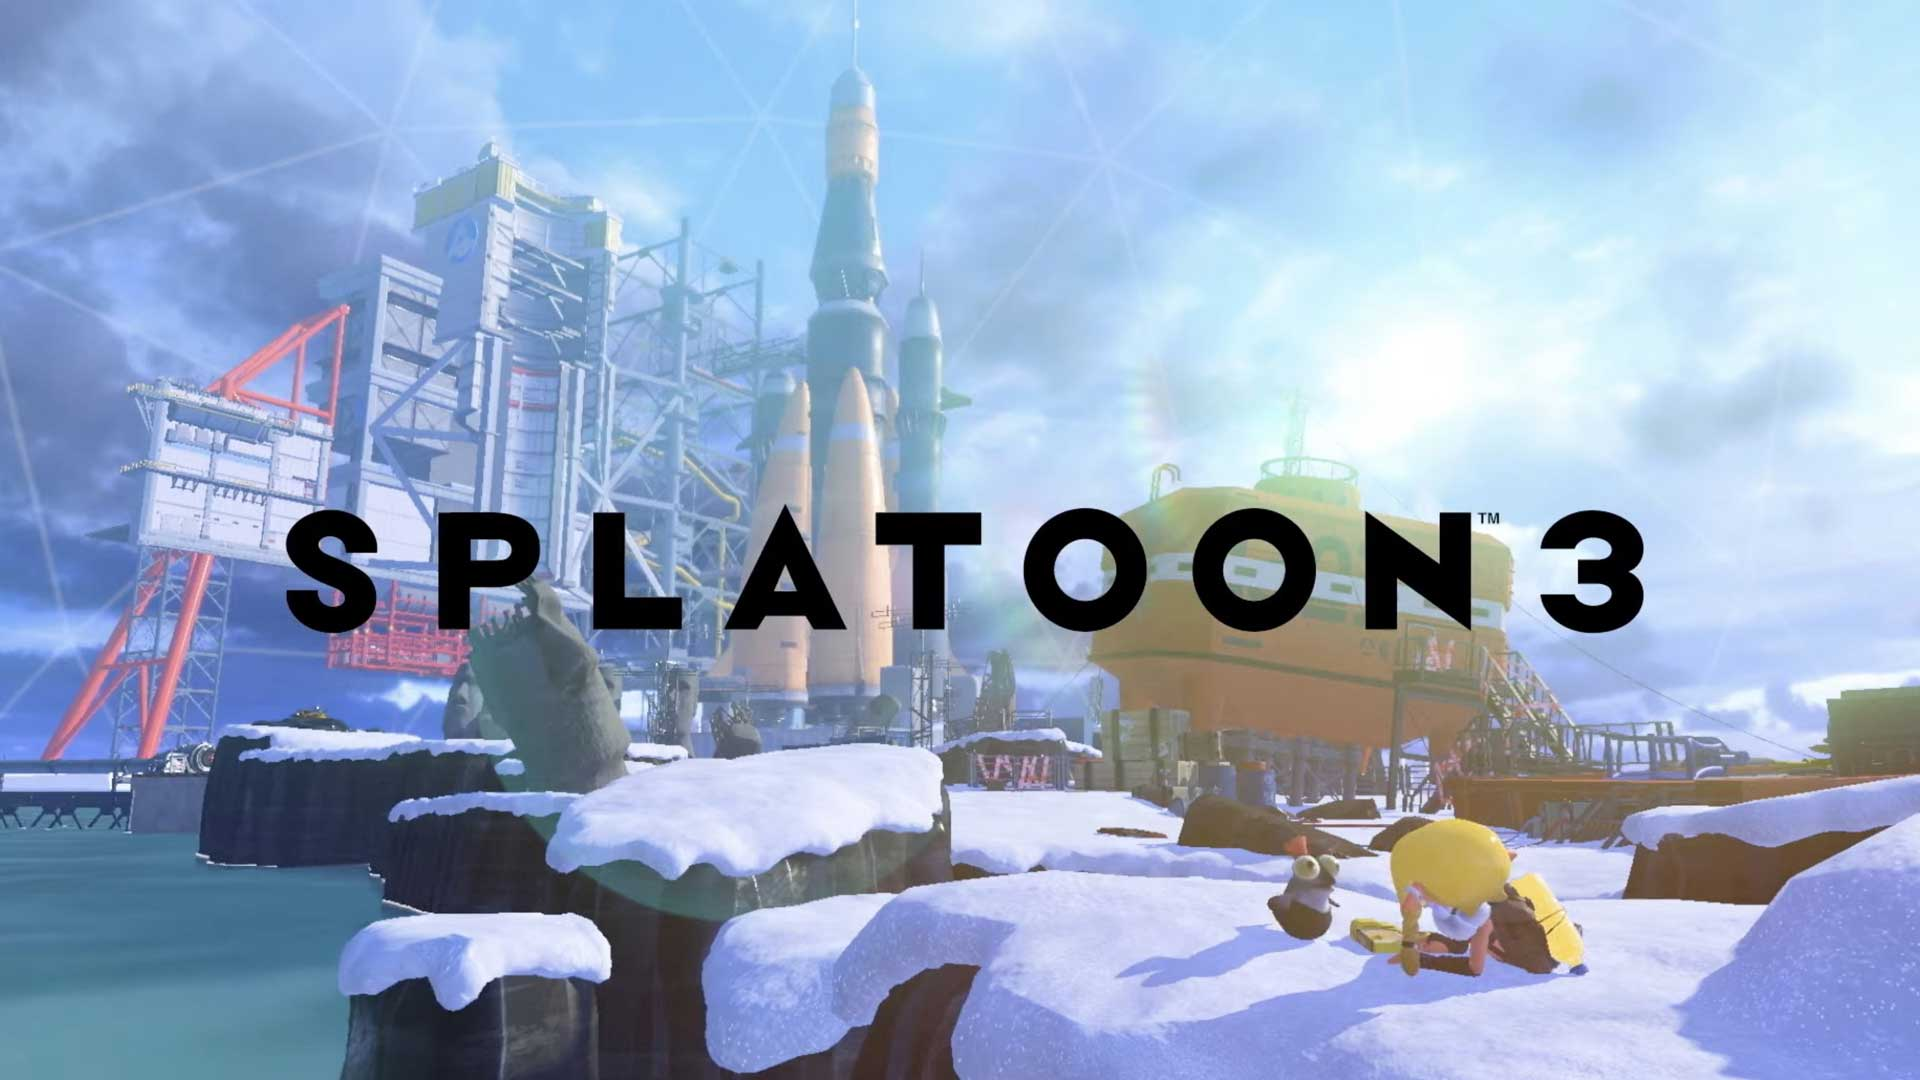 نمایش سلاحها و بخش داستانی در تریلر بازی Splatoon 3